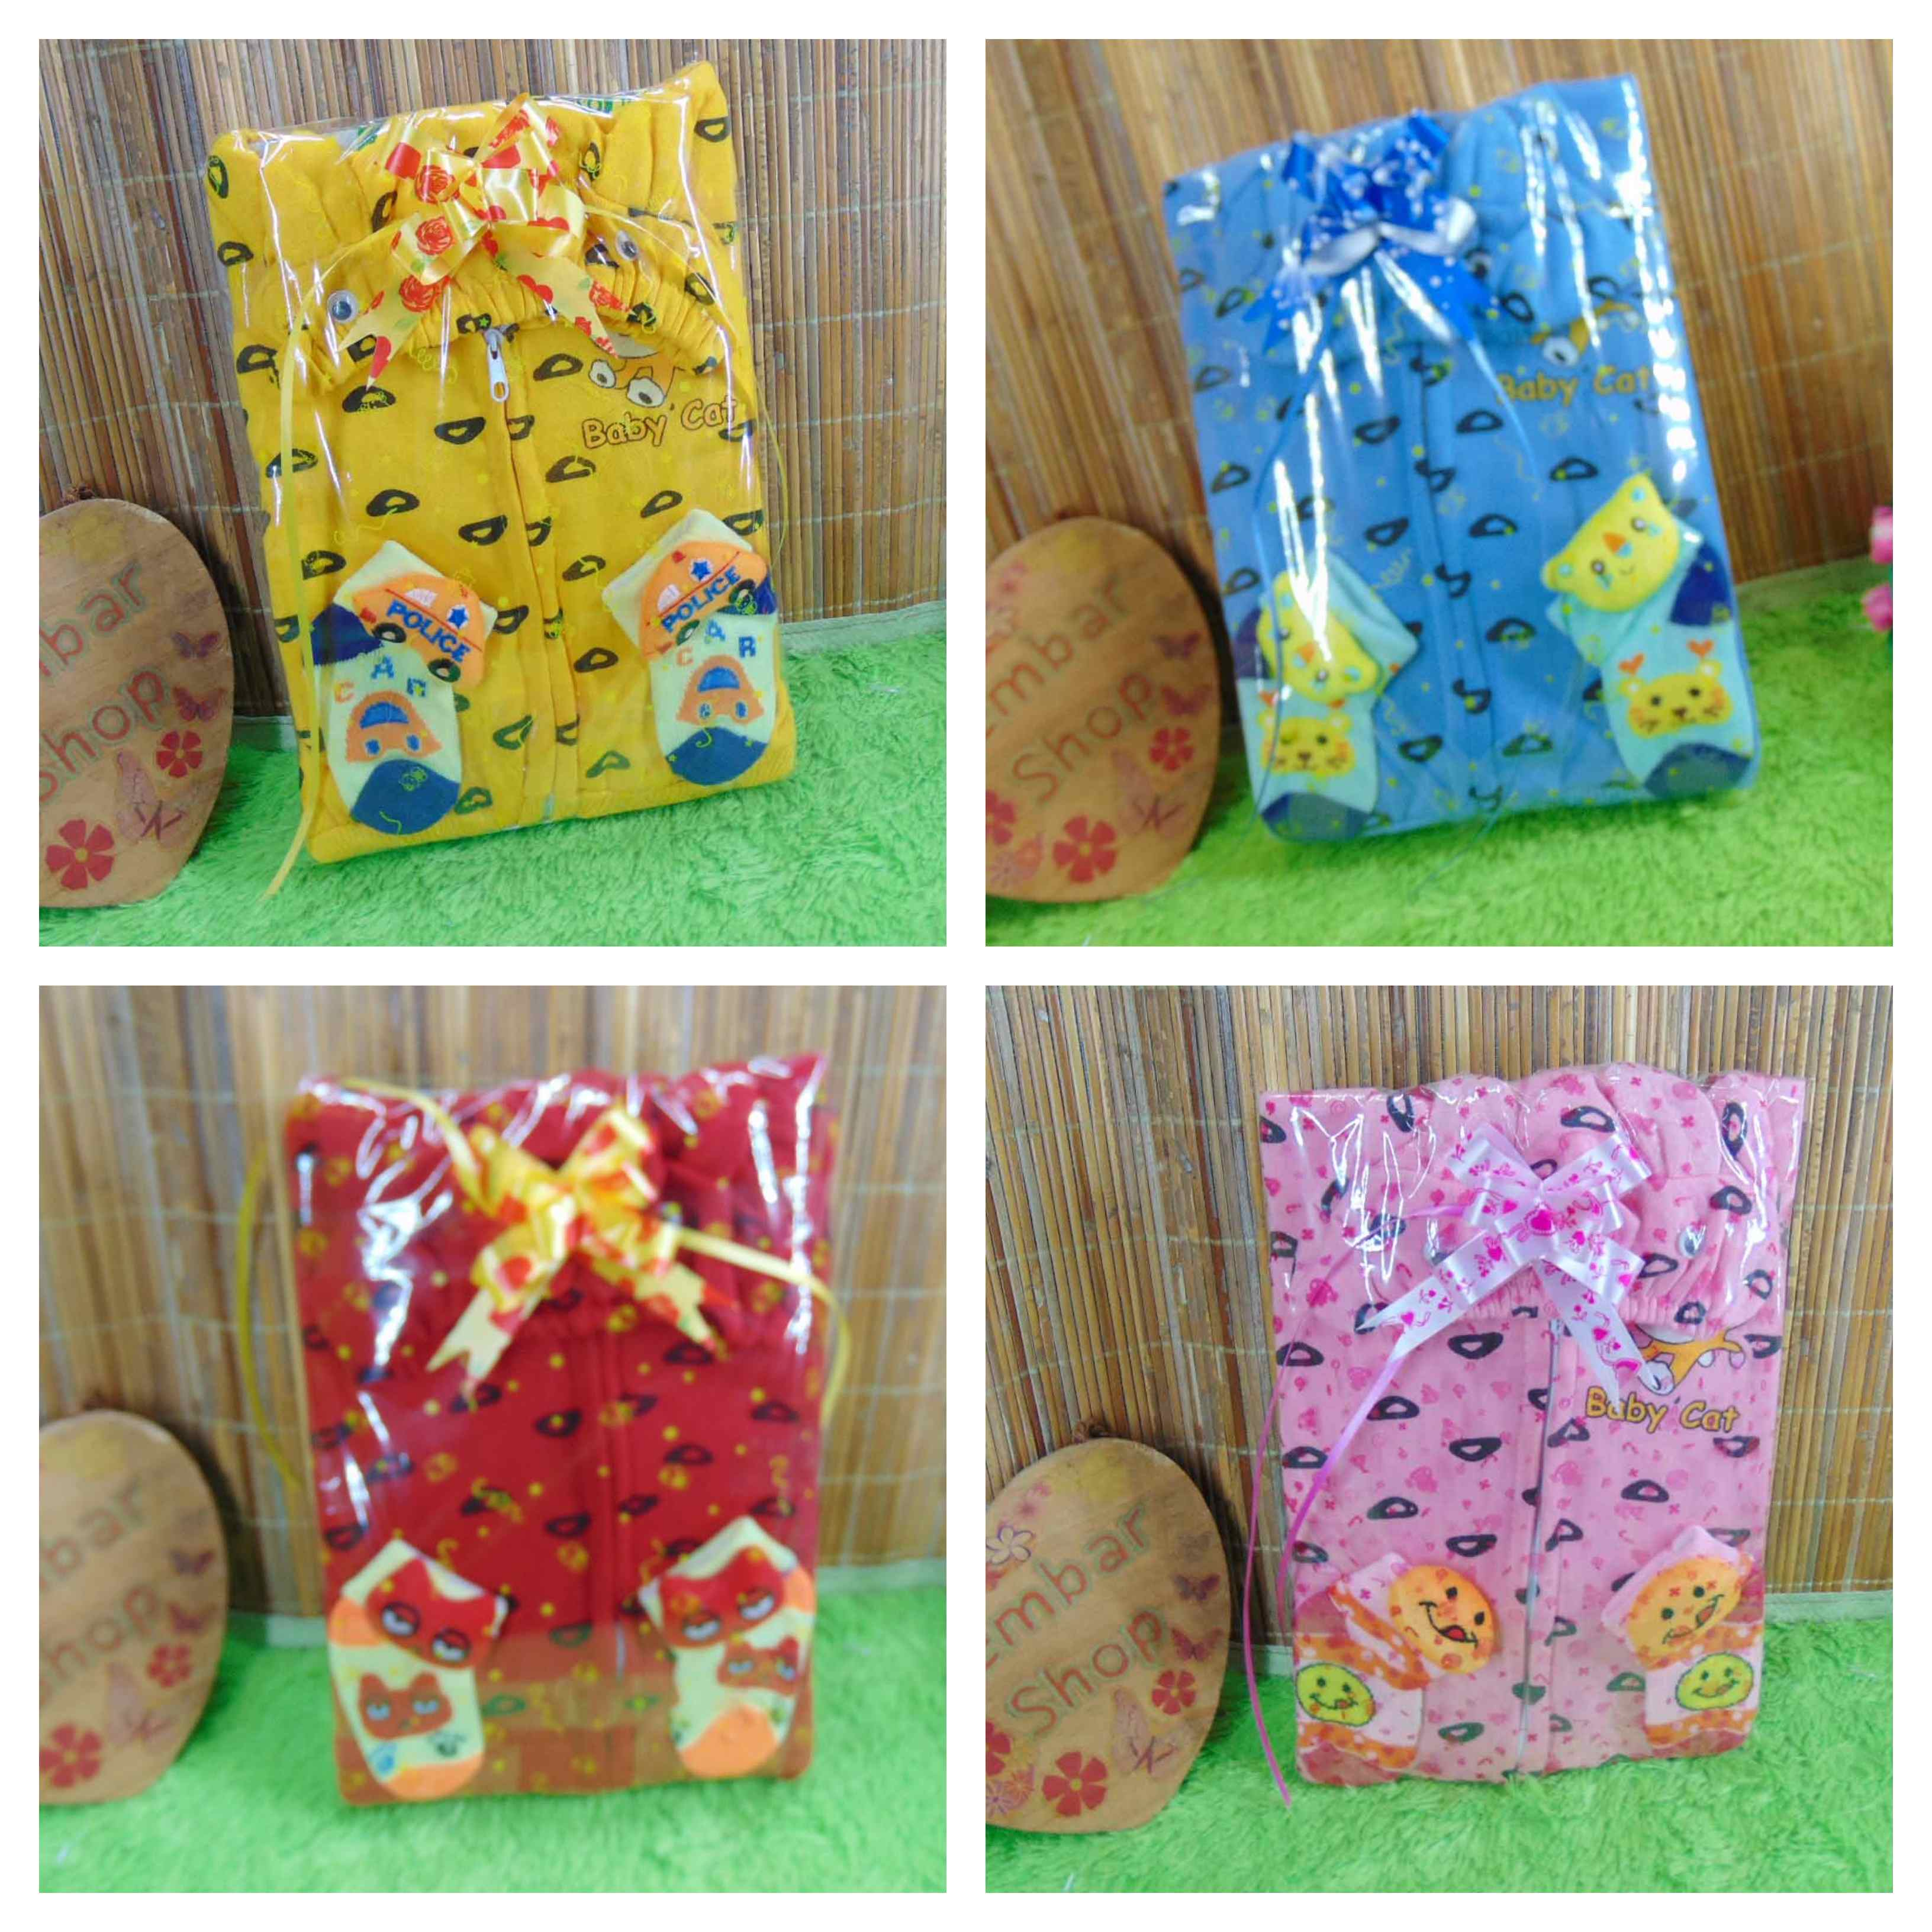 FOTO UTAMA - FREE KARTU UCAPAN kado bayi baby gift set jaket sock newborn 0-12bulan plus kaos kaki boneka (6)